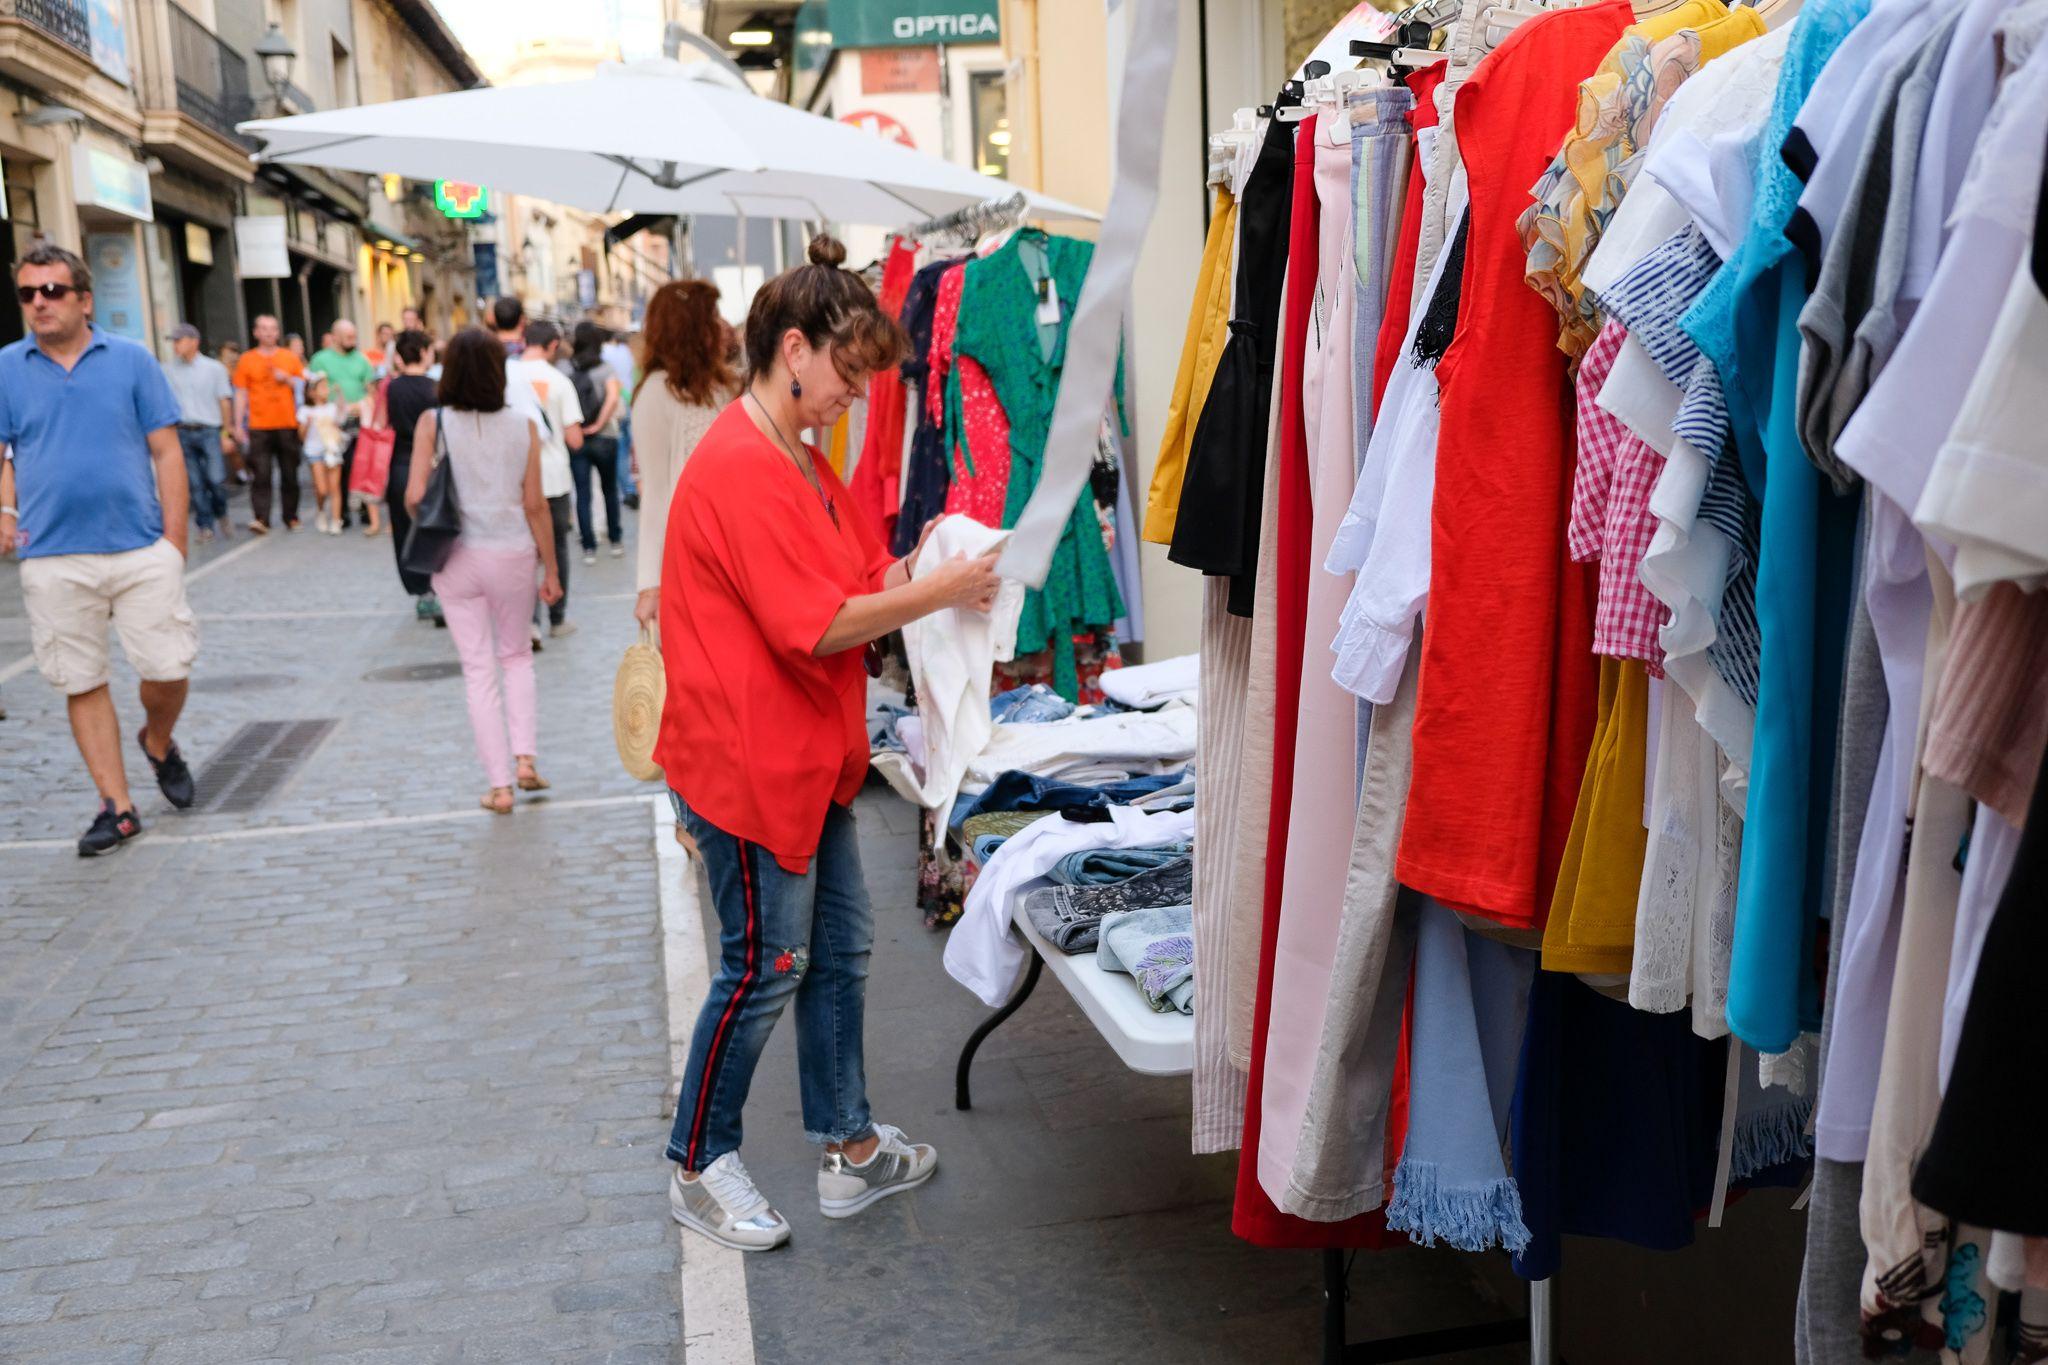 Sant Cugat acollirà una festivitat per iniciar el període de rebaixes dels comerços. FOTO: Lali Álvarez